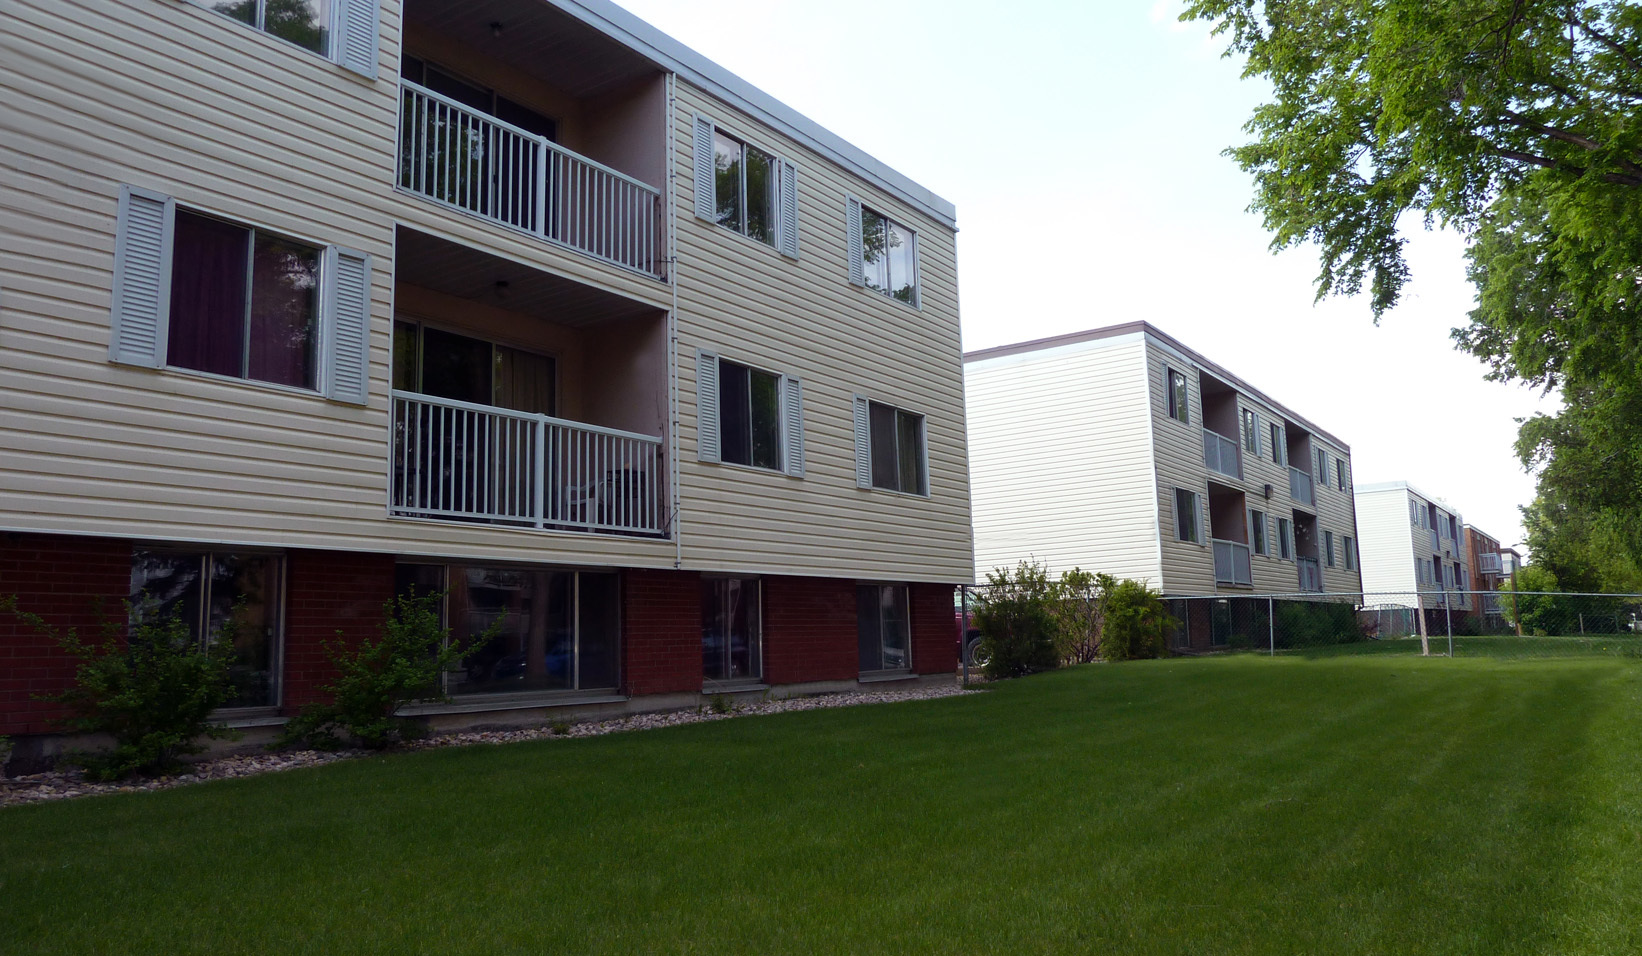 10710 110 Street NW, Edmonton, AB - $725